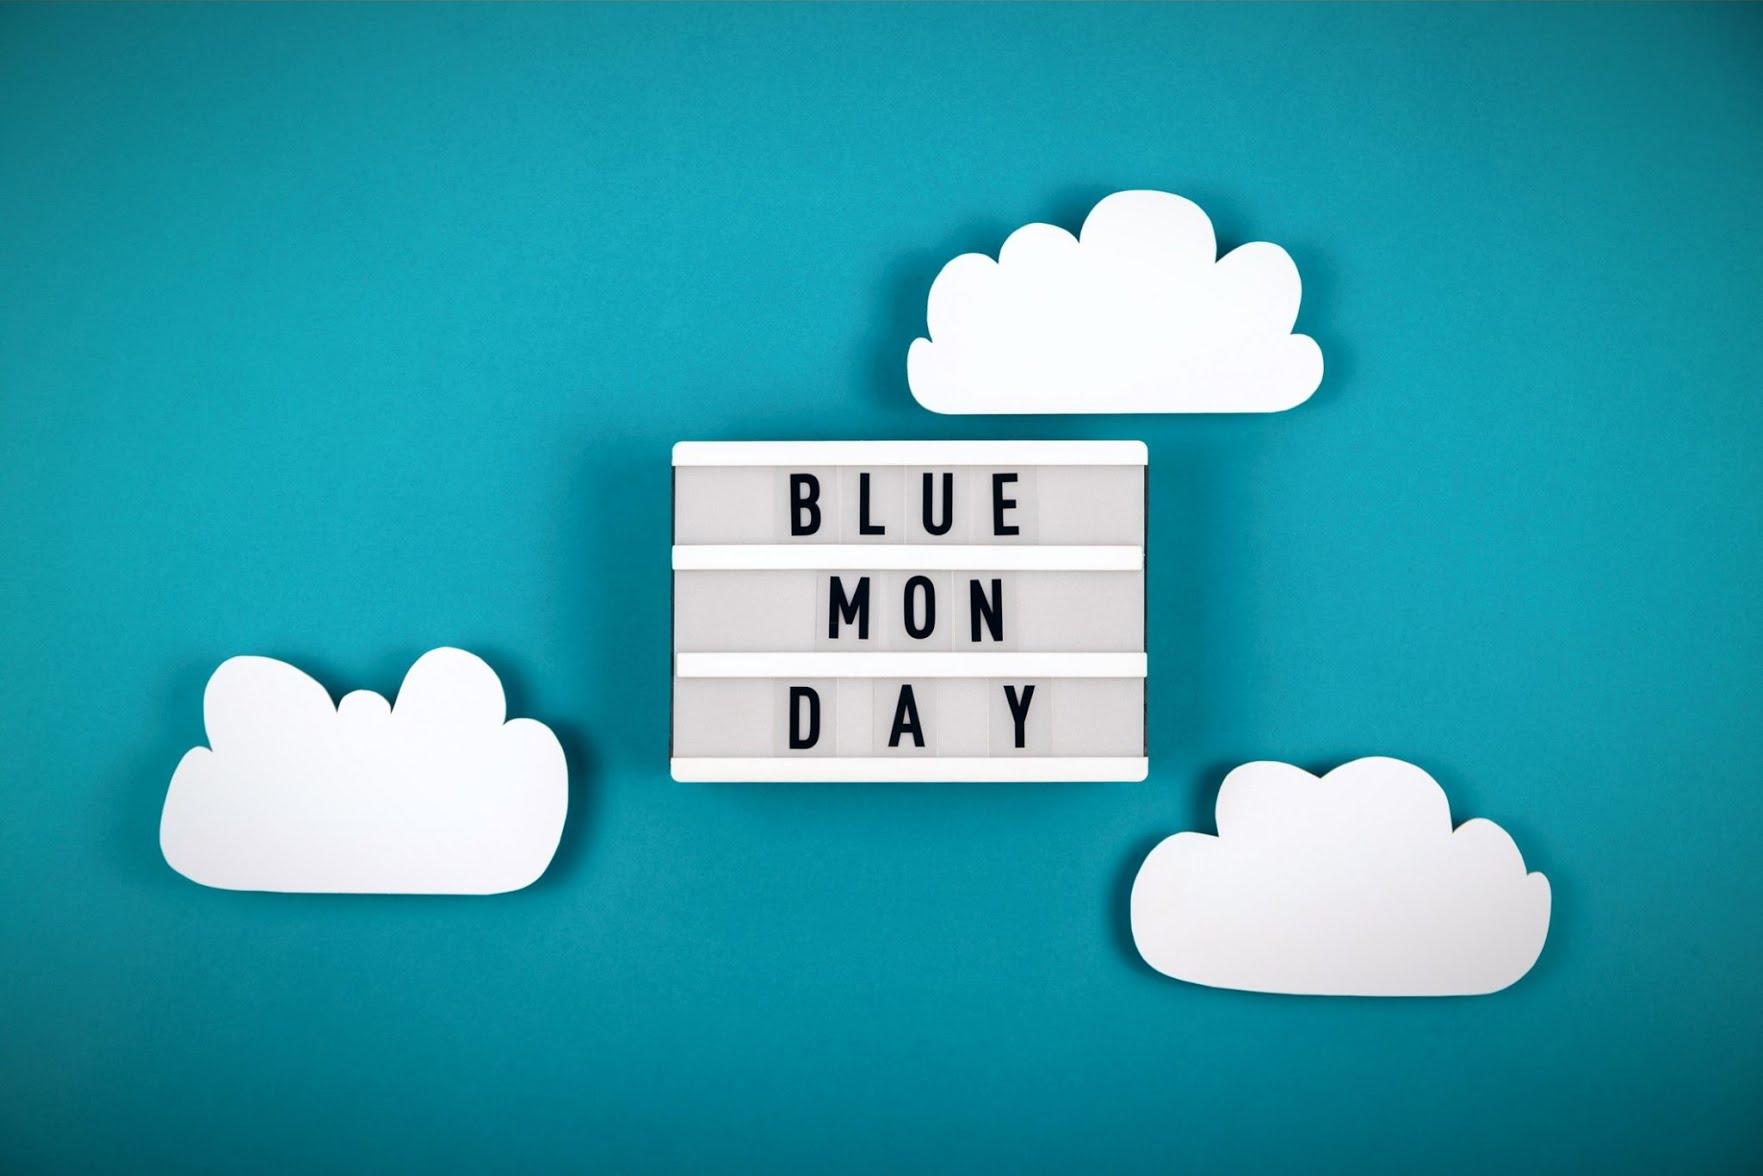 7 pensées positives pour surmonter le Blue Monday